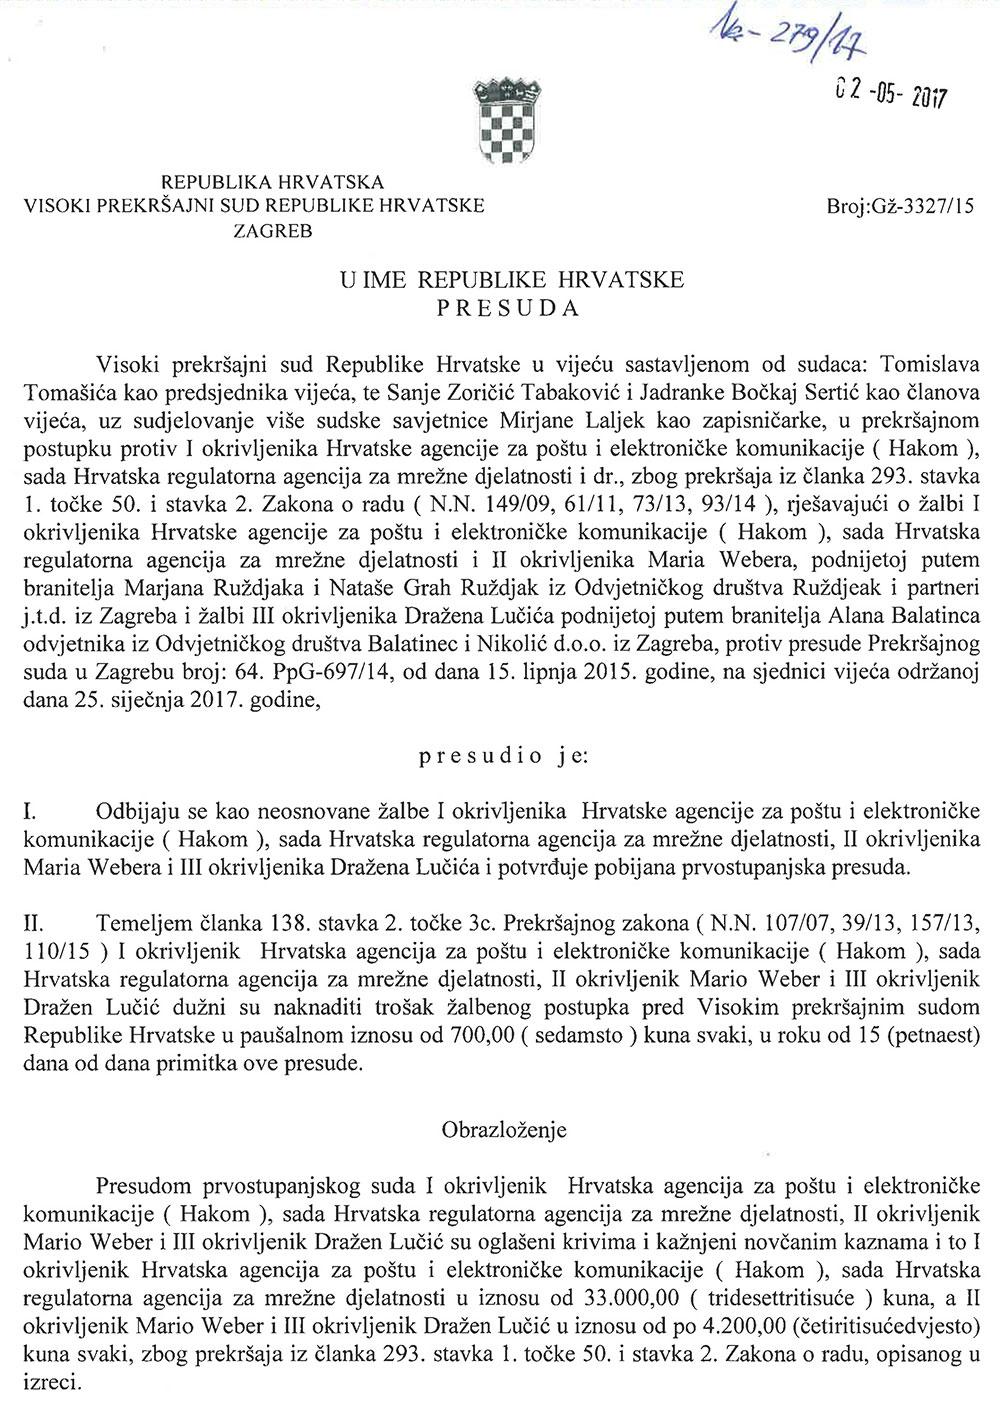 HAKOM_presuda_VPSRH_25012017